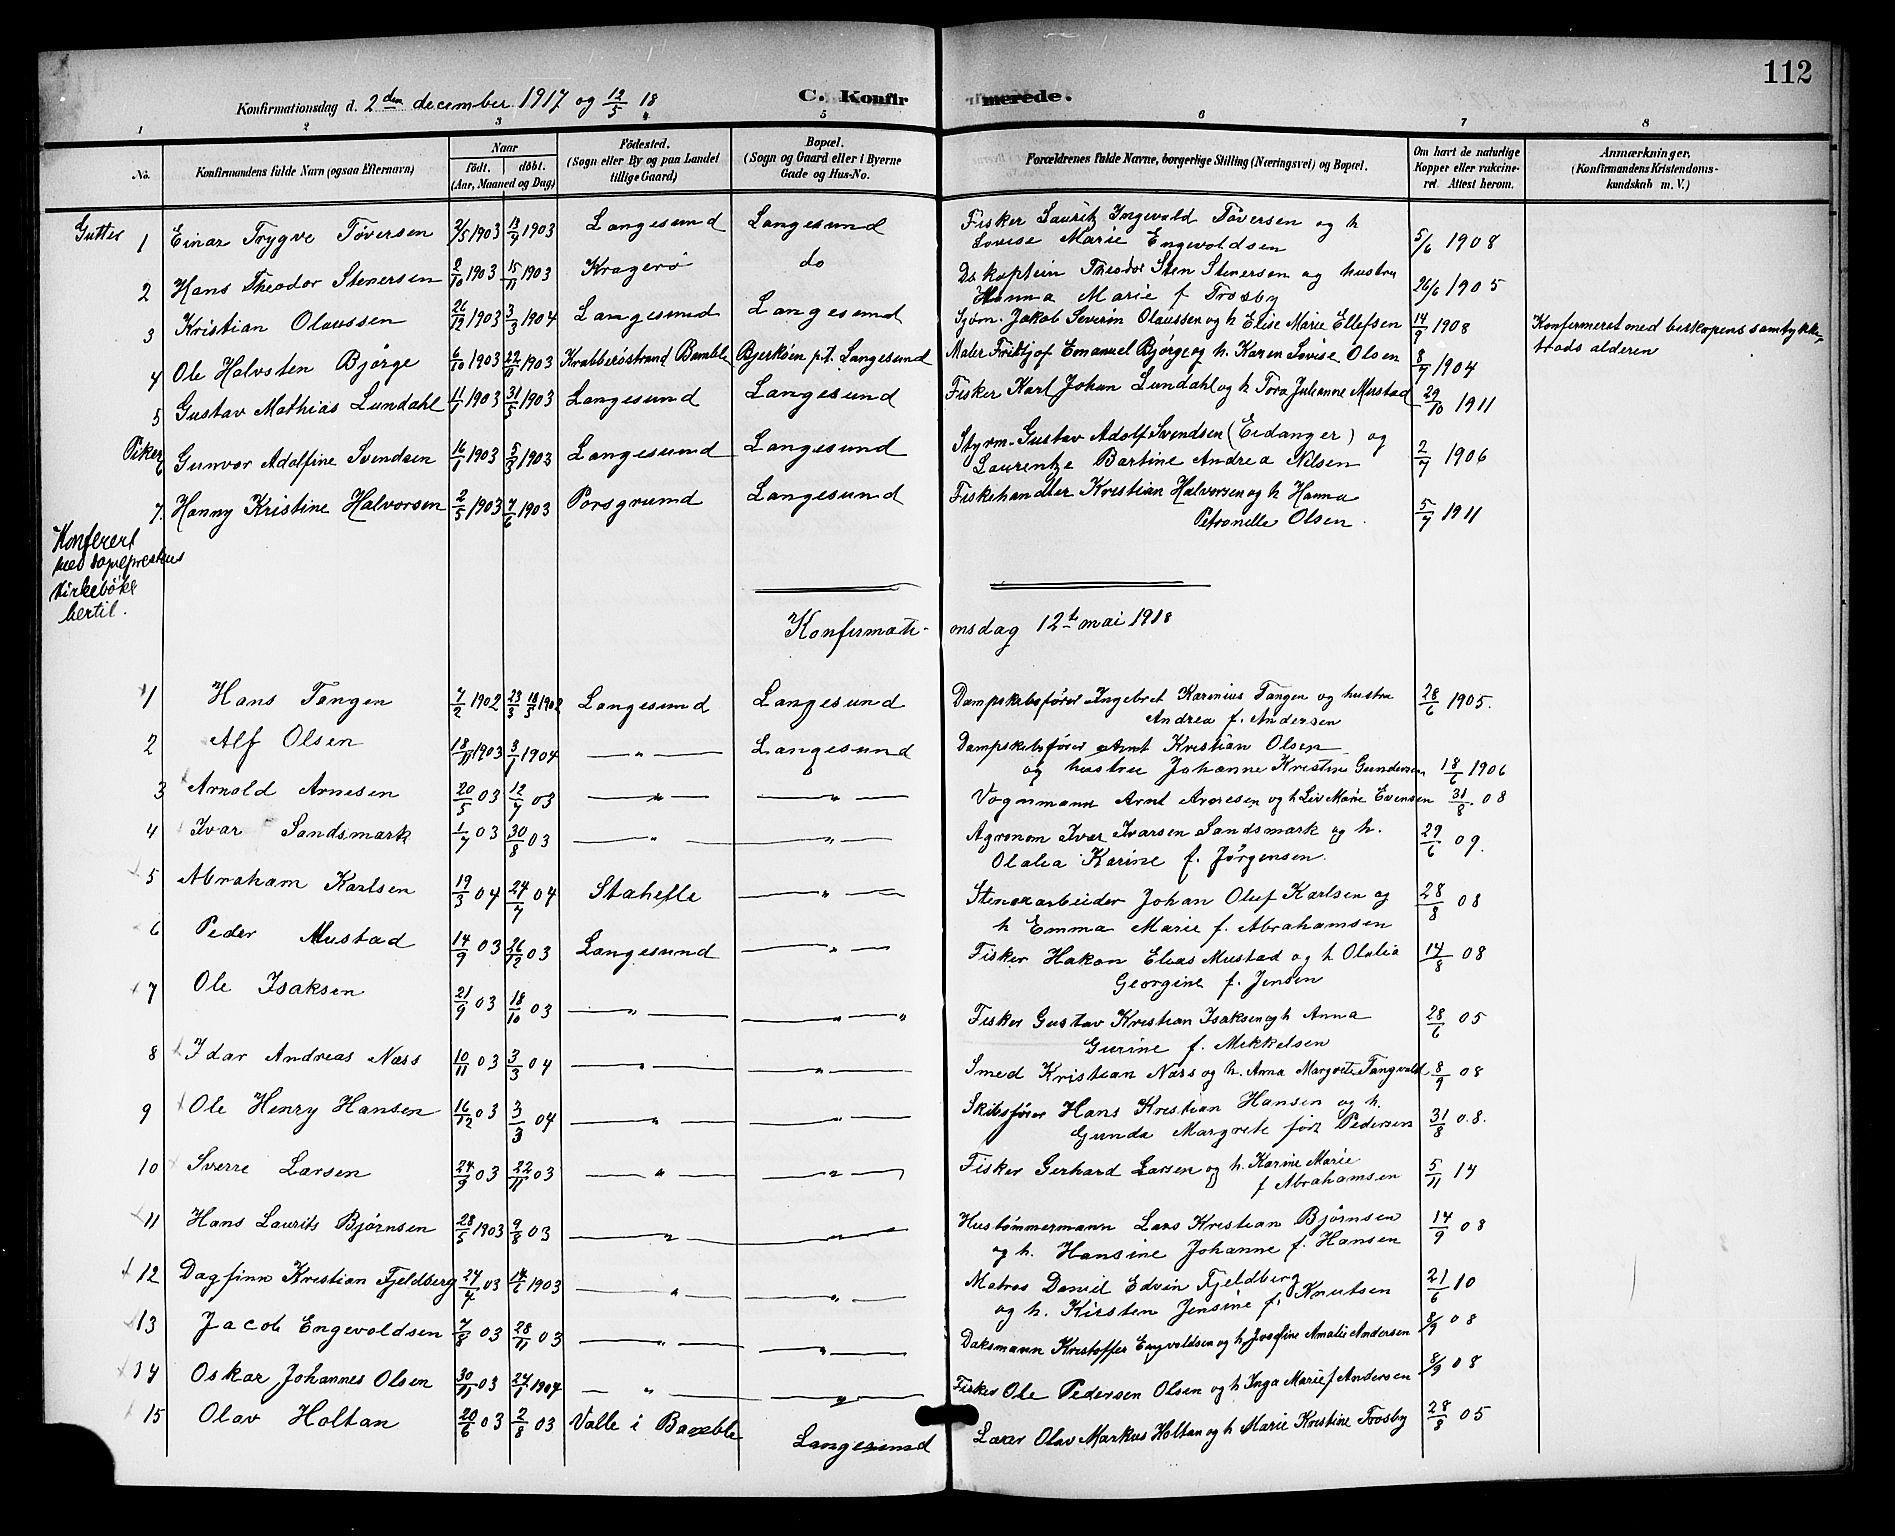 SAKO, Langesund kirkebøker, G/Ga/L0006: Klokkerbok nr. 6, 1899-1918, s. 112